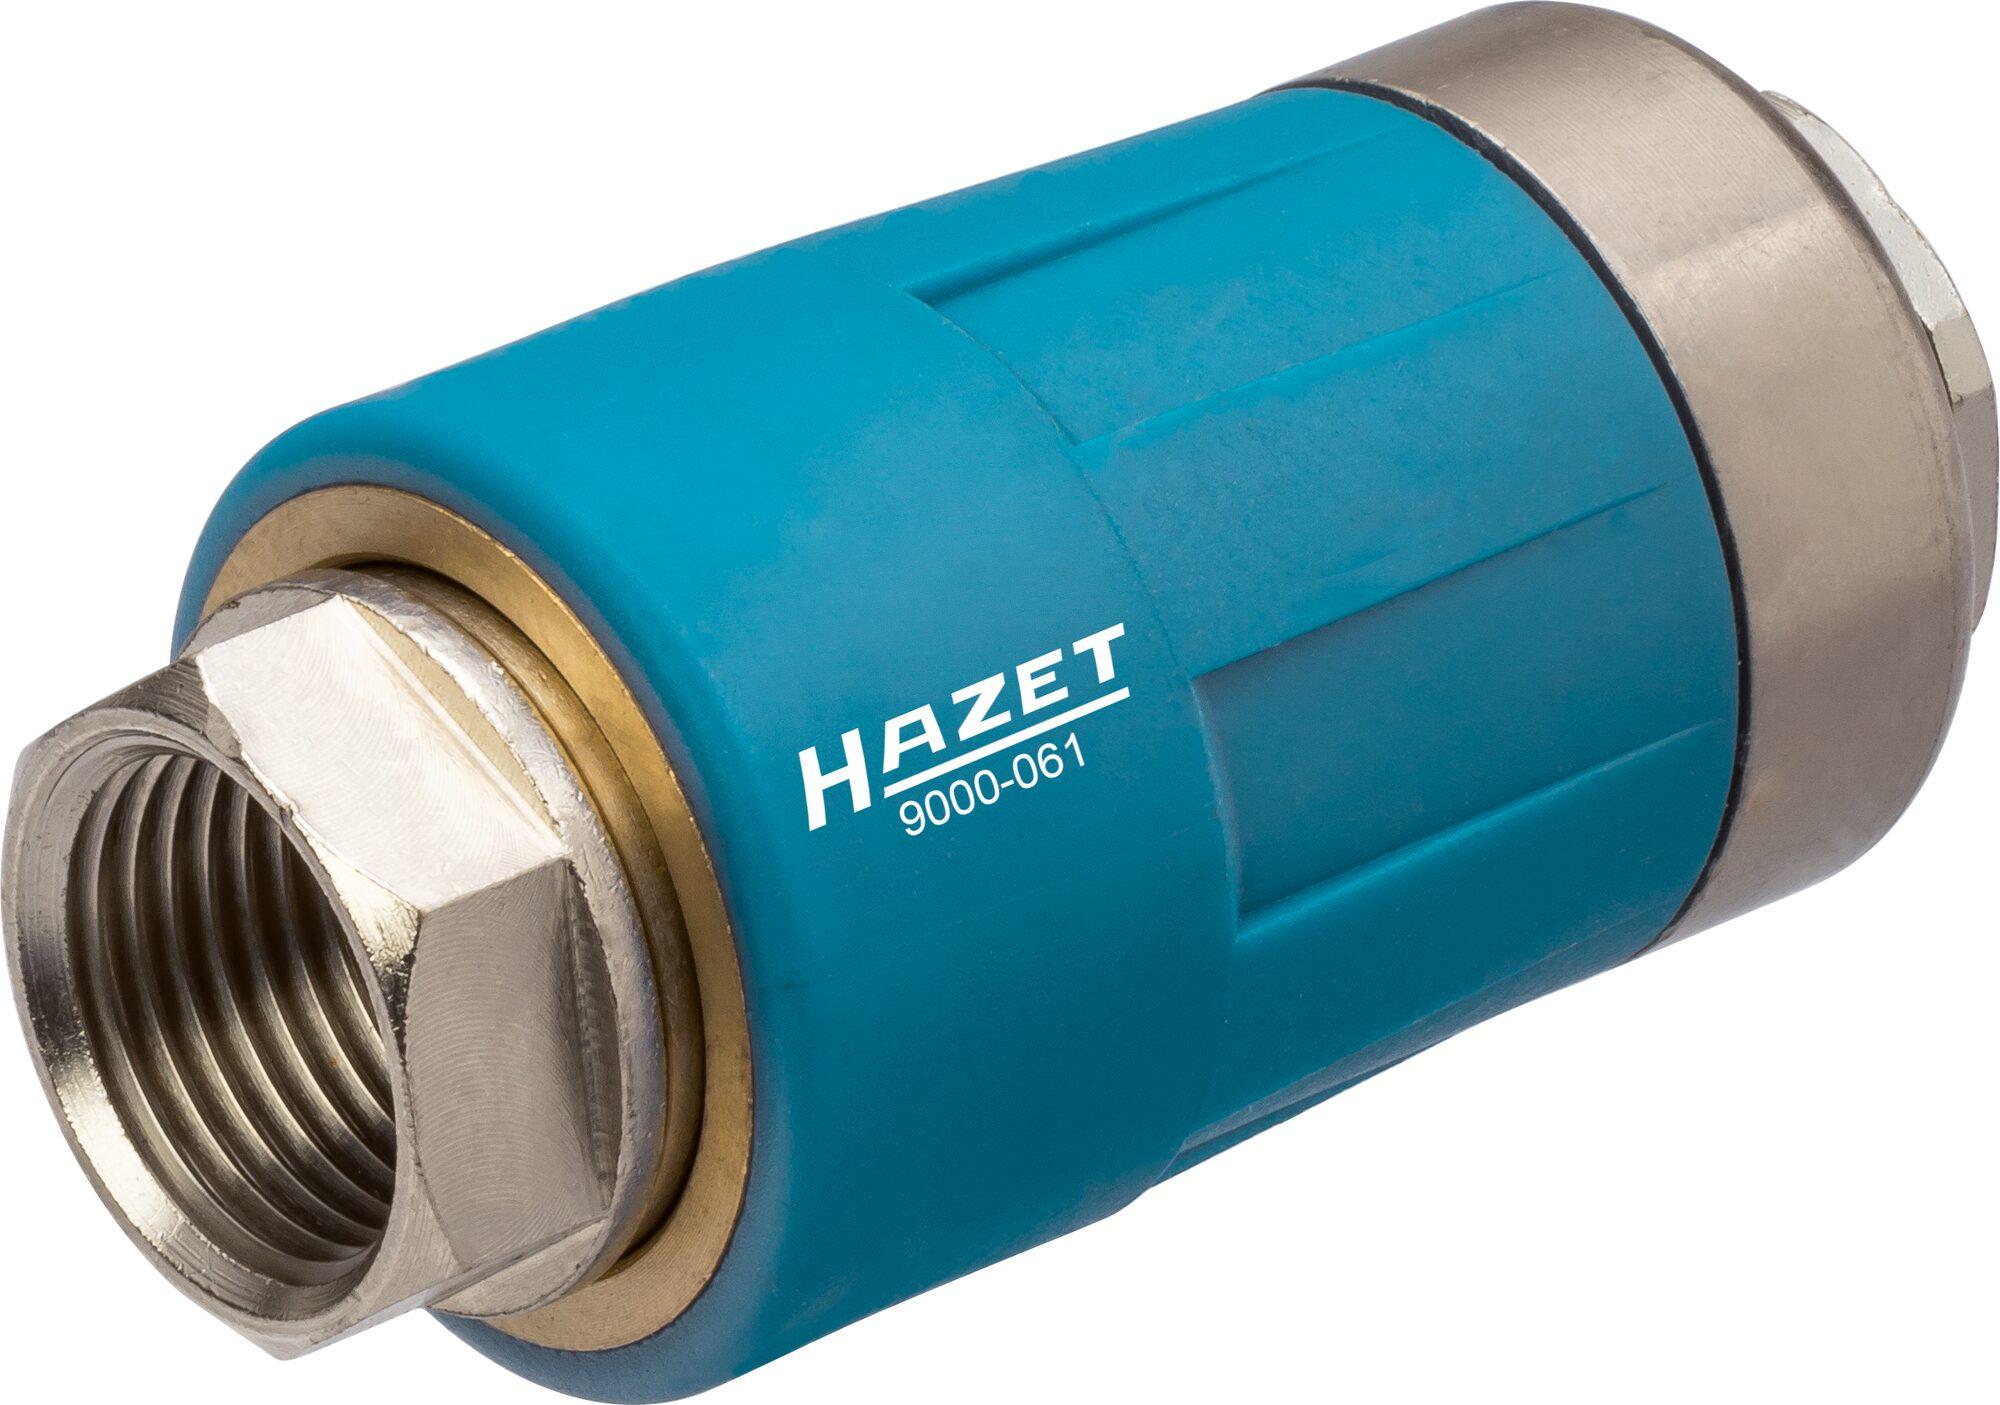 HAZET Sicherheits Kupplung 9000-061